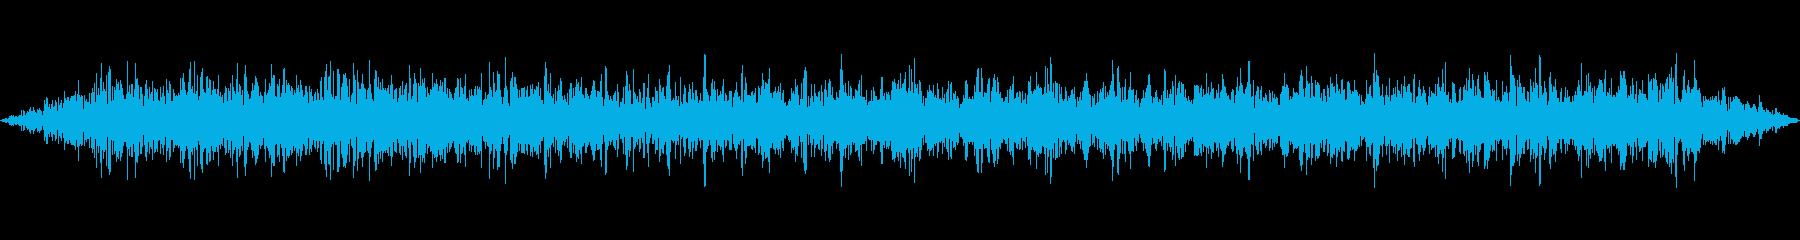 宇宙制御室:船または駅:電子音、背...の再生済みの波形